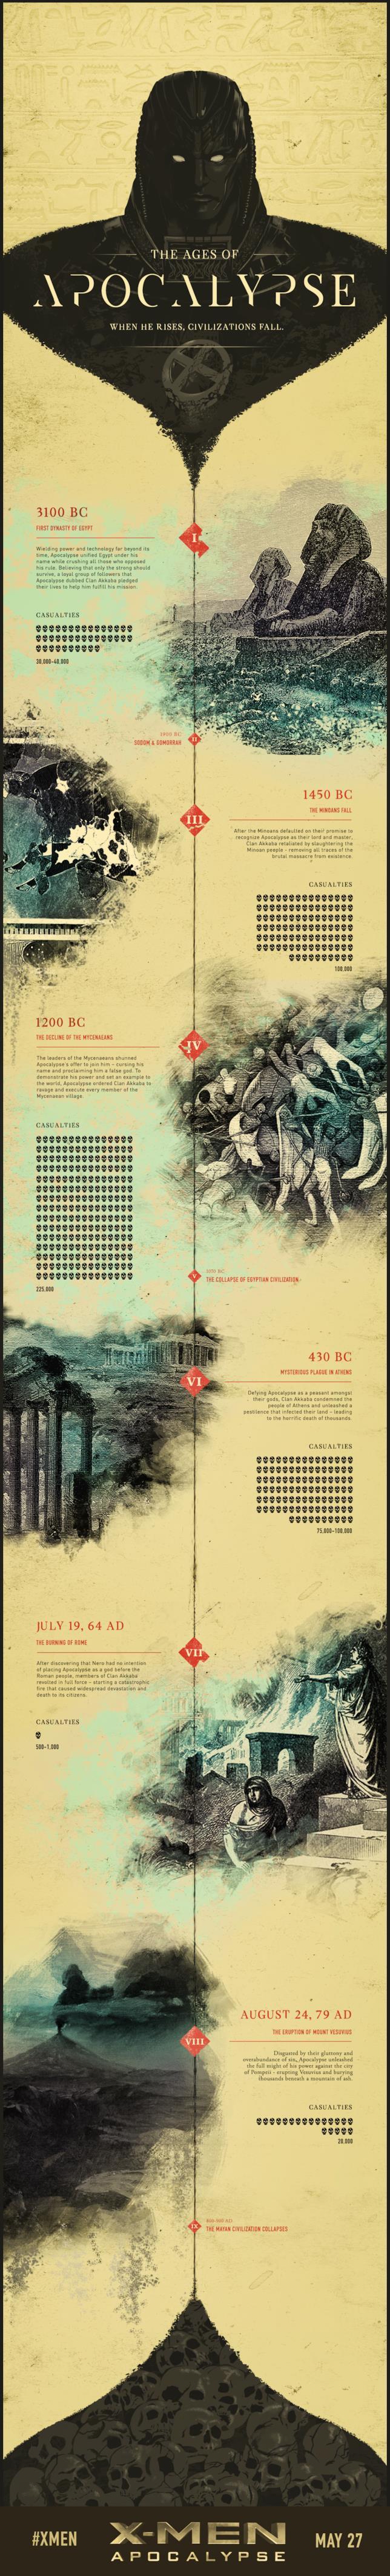 La storia di Apocalisse, ricostruita